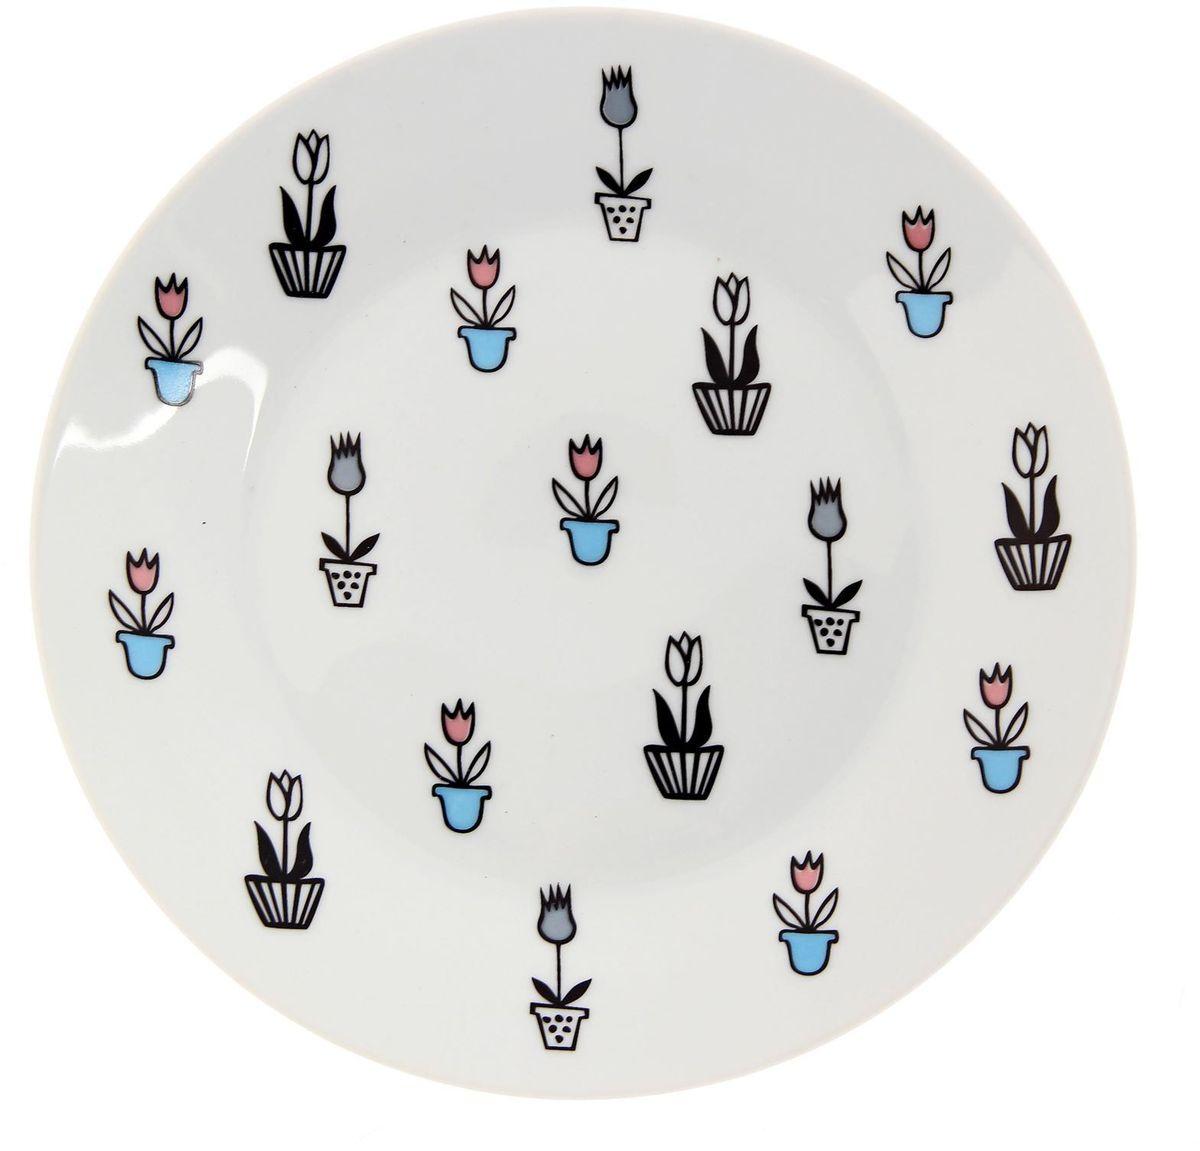 Тарелка мелкая Сотвори чудо Тюльпаны, диаметр 20 смVT-1520(SR)Хотите обновить интерьер кухни или гостиной? Устраиваете необычную фотосессию или тематический праздник? А может, просто ищете подарок для близкого человека? Посуда Сотвори Чудо — правильный выбор в любой ситуации. Тарелка Сотвори Чудо, изготовленная из изящного фаянса нежного сливочного цвета, оформлена оригинальным рисунком со стойкой краской. Пригодна для посудомоечной машины.